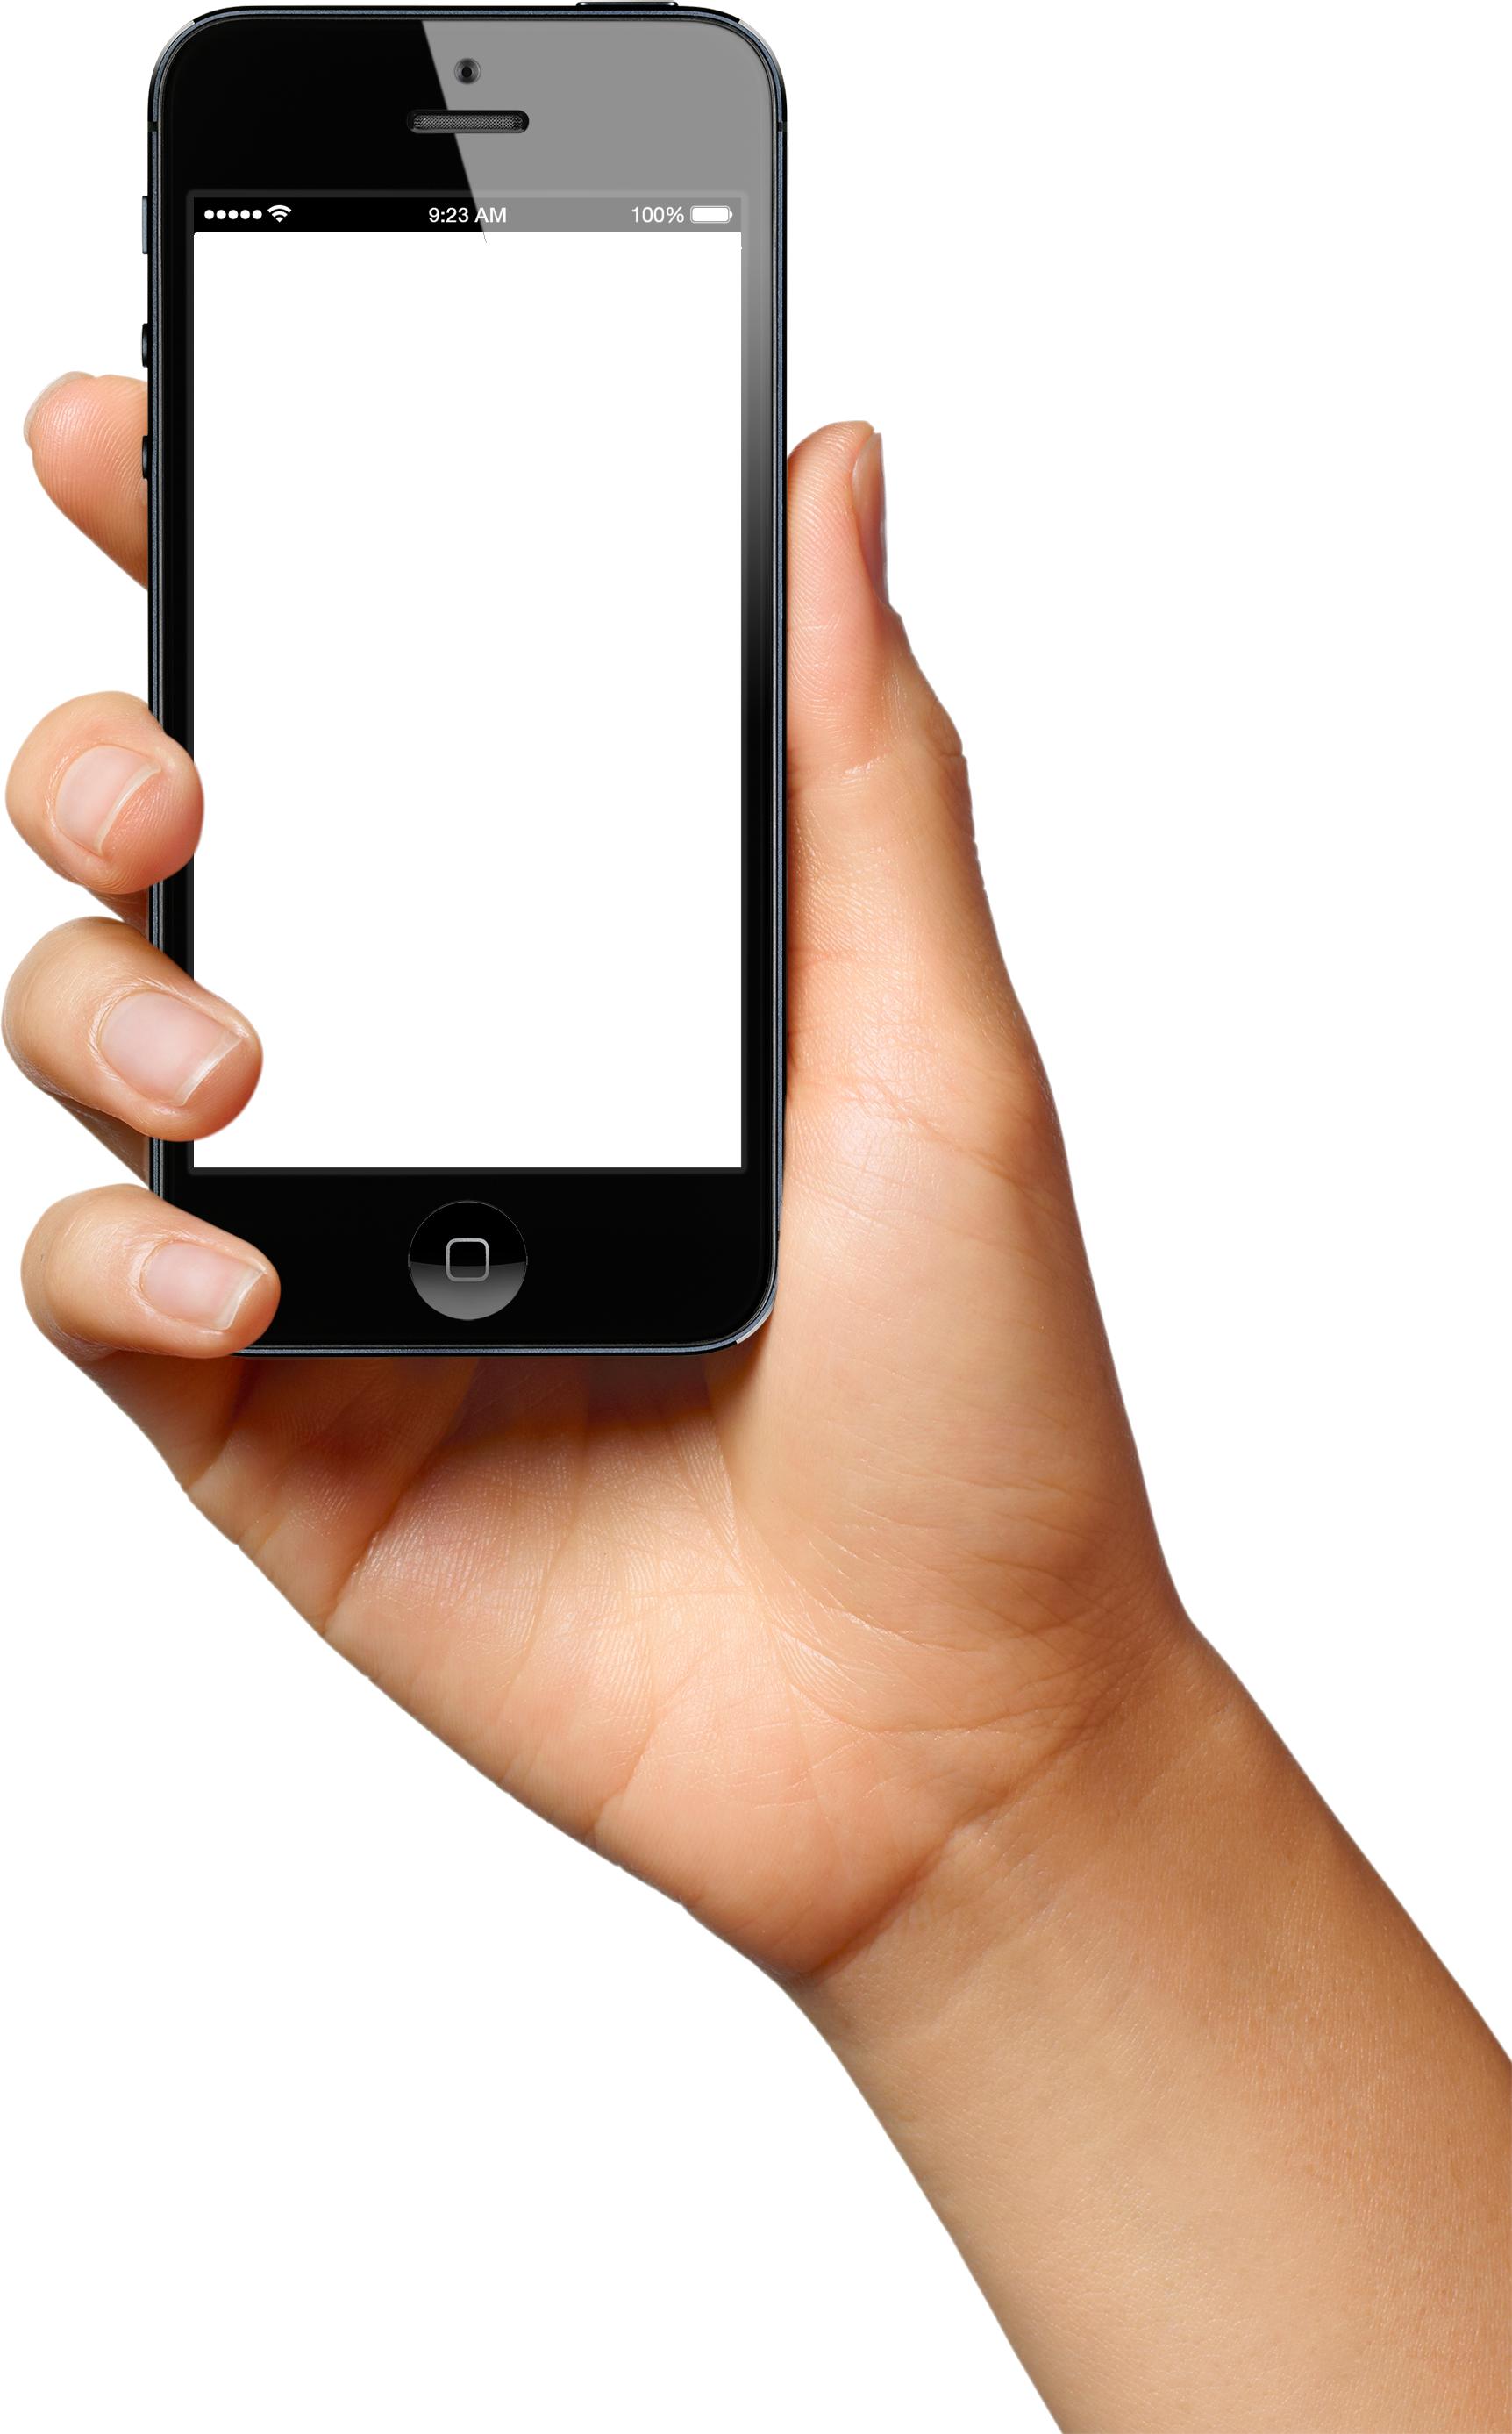 smartphone png transparent smartphone png images pluspng. Black Bedroom Furniture Sets. Home Design Ideas